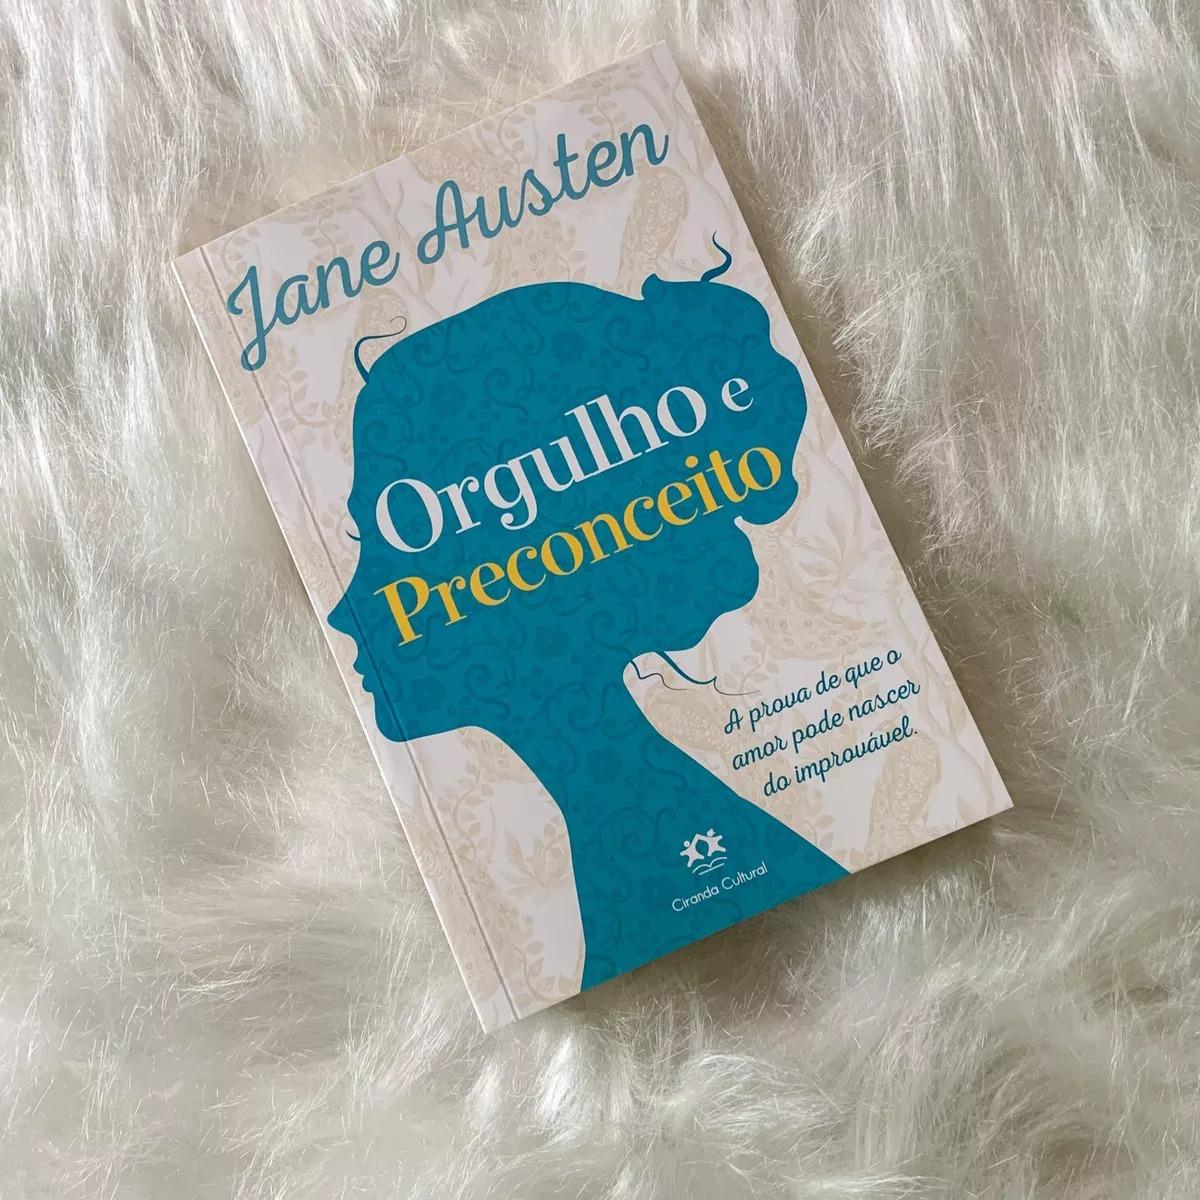 Orgulho e preconceito: A prova de que o amor pode nascer do impossível. (Português) Capa comum